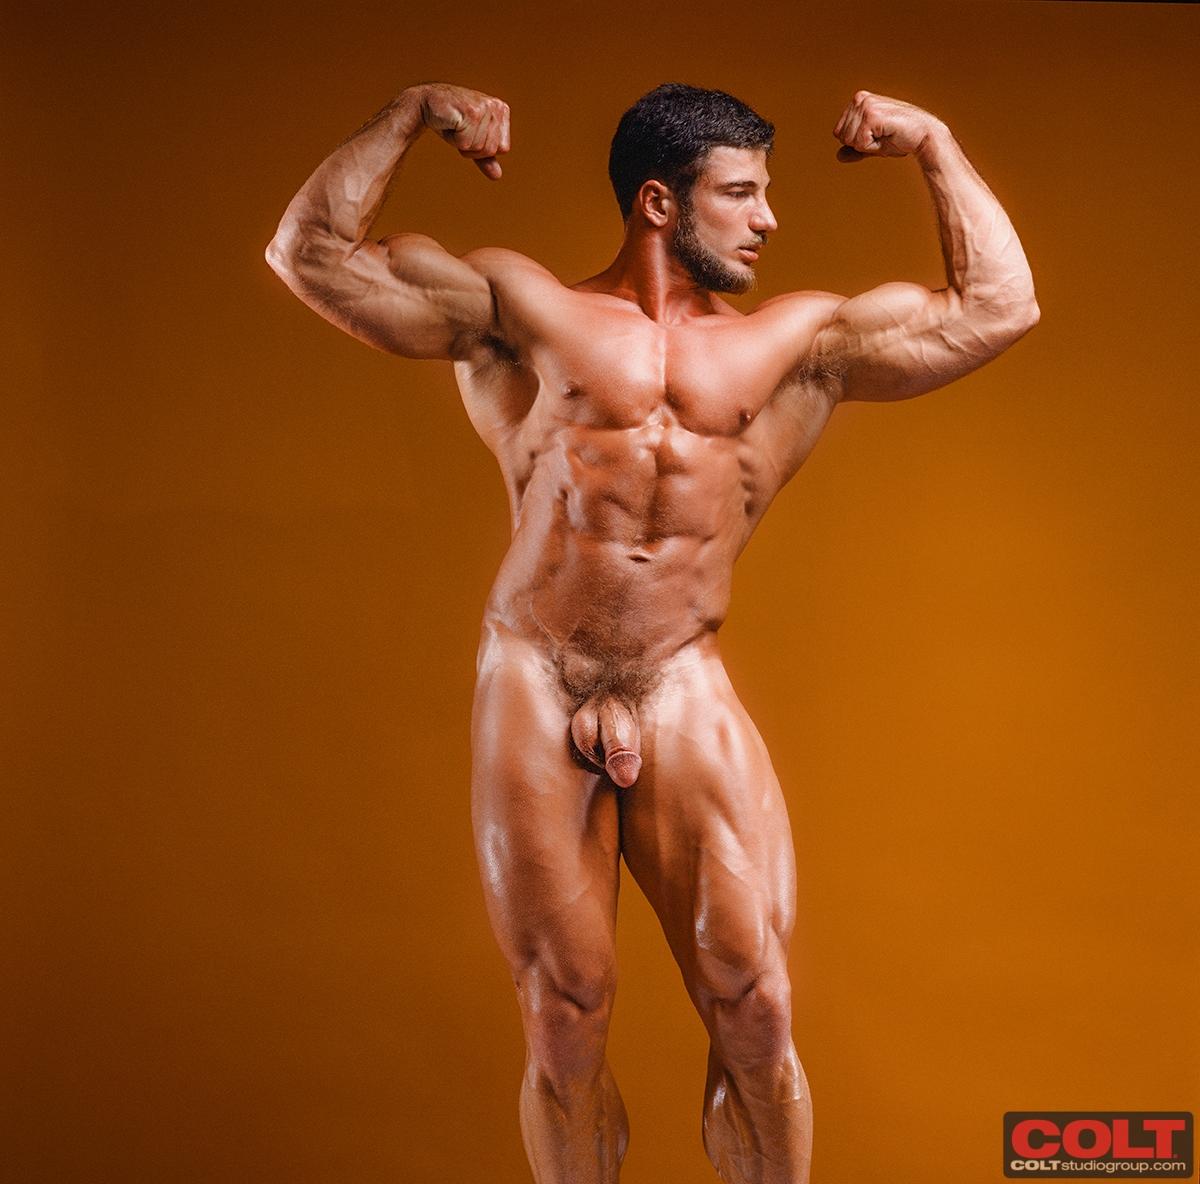 Colt Gay Men 36